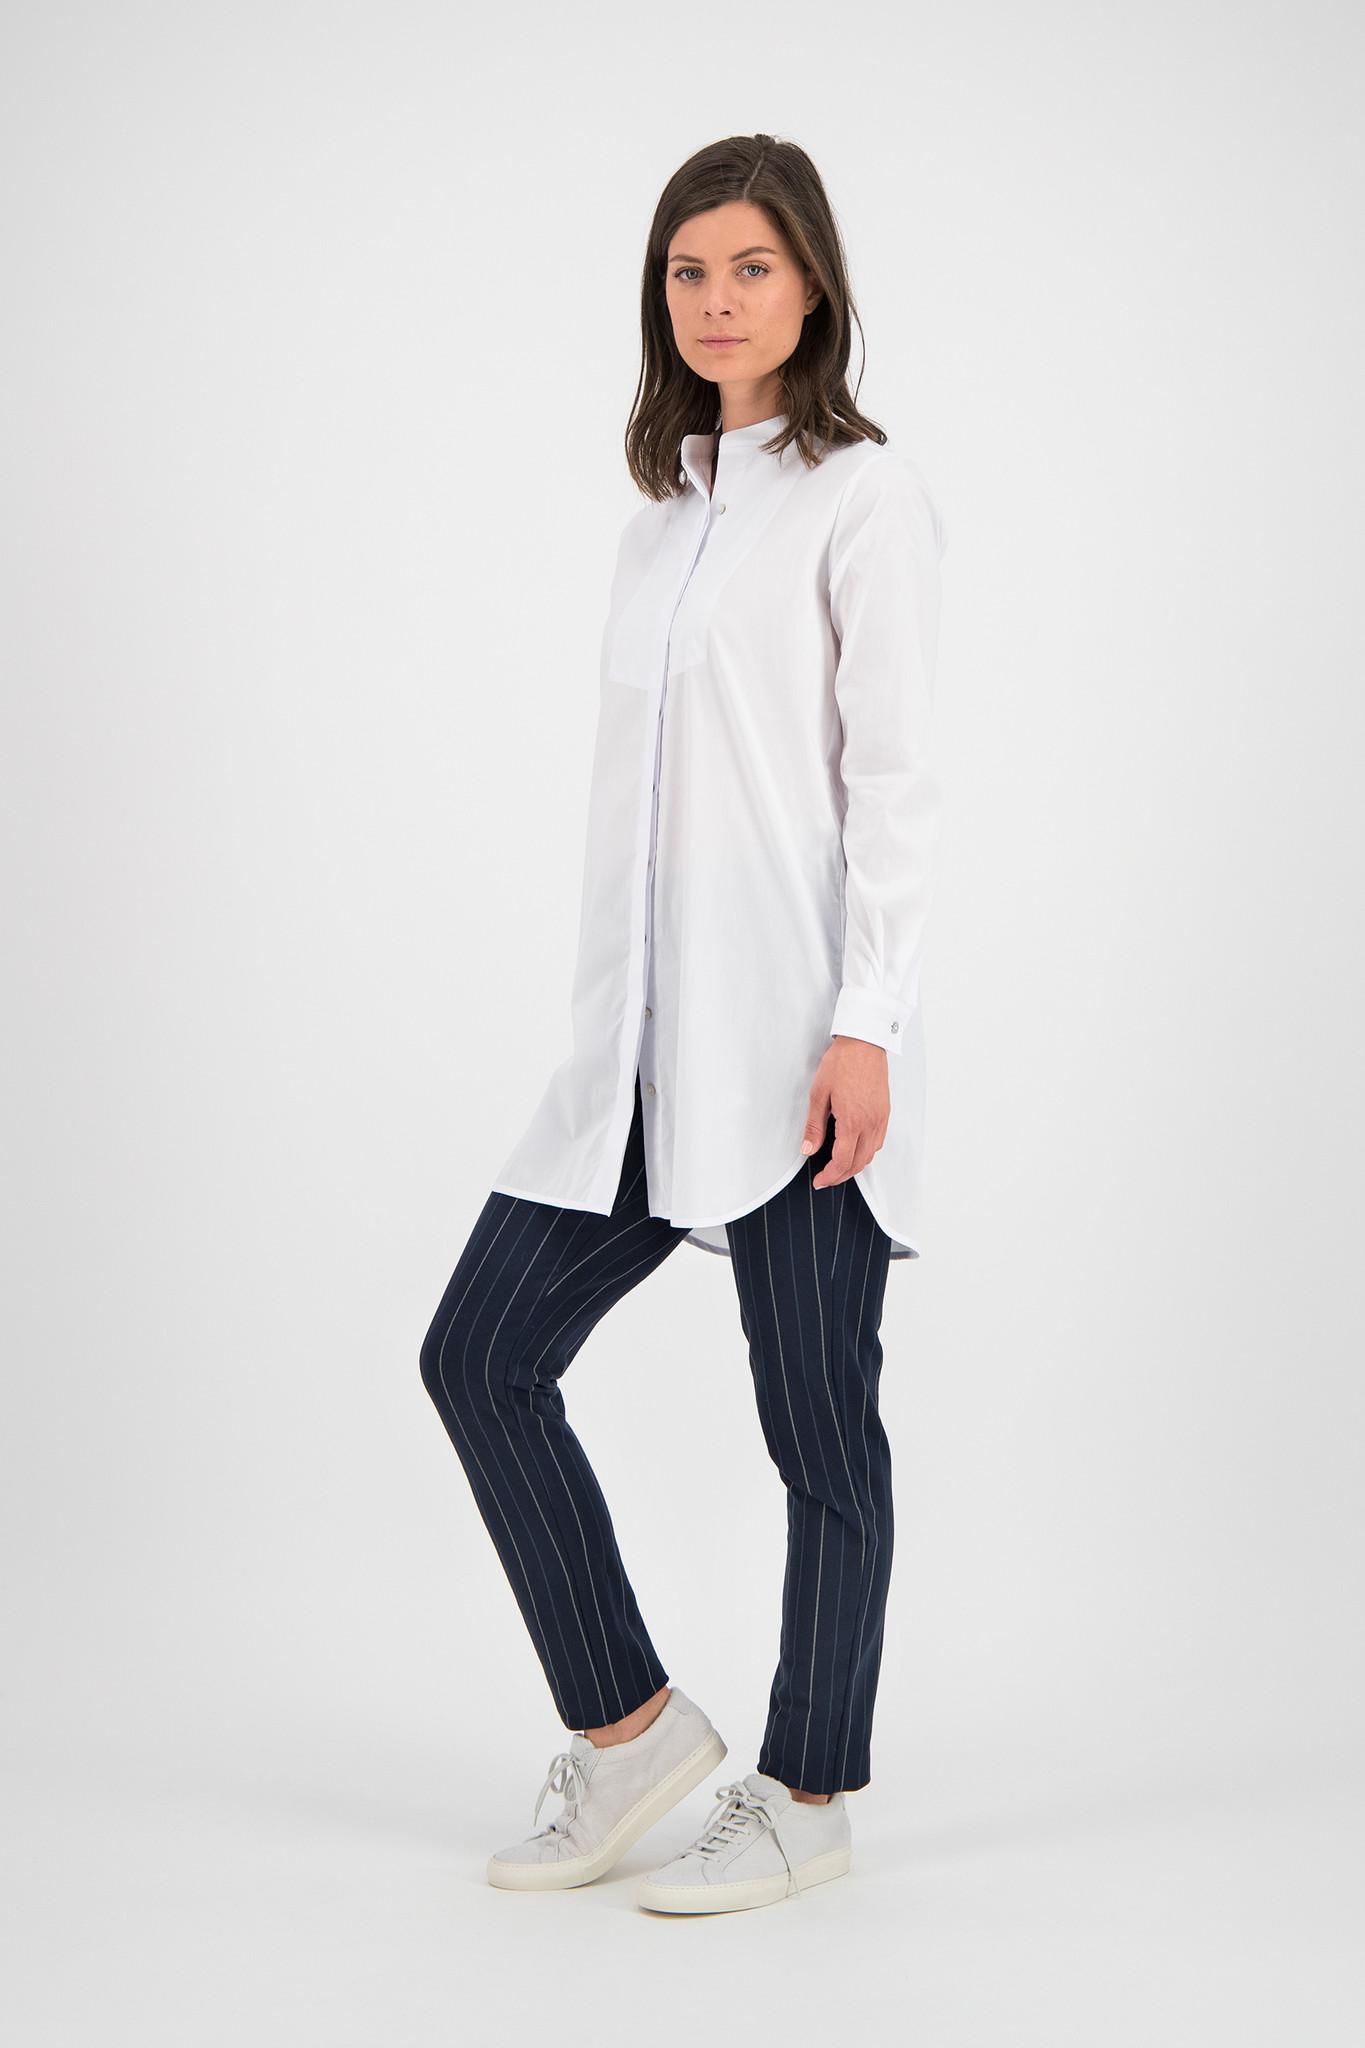 SYLVER Stretch Cotton Blouse Round-neck - White